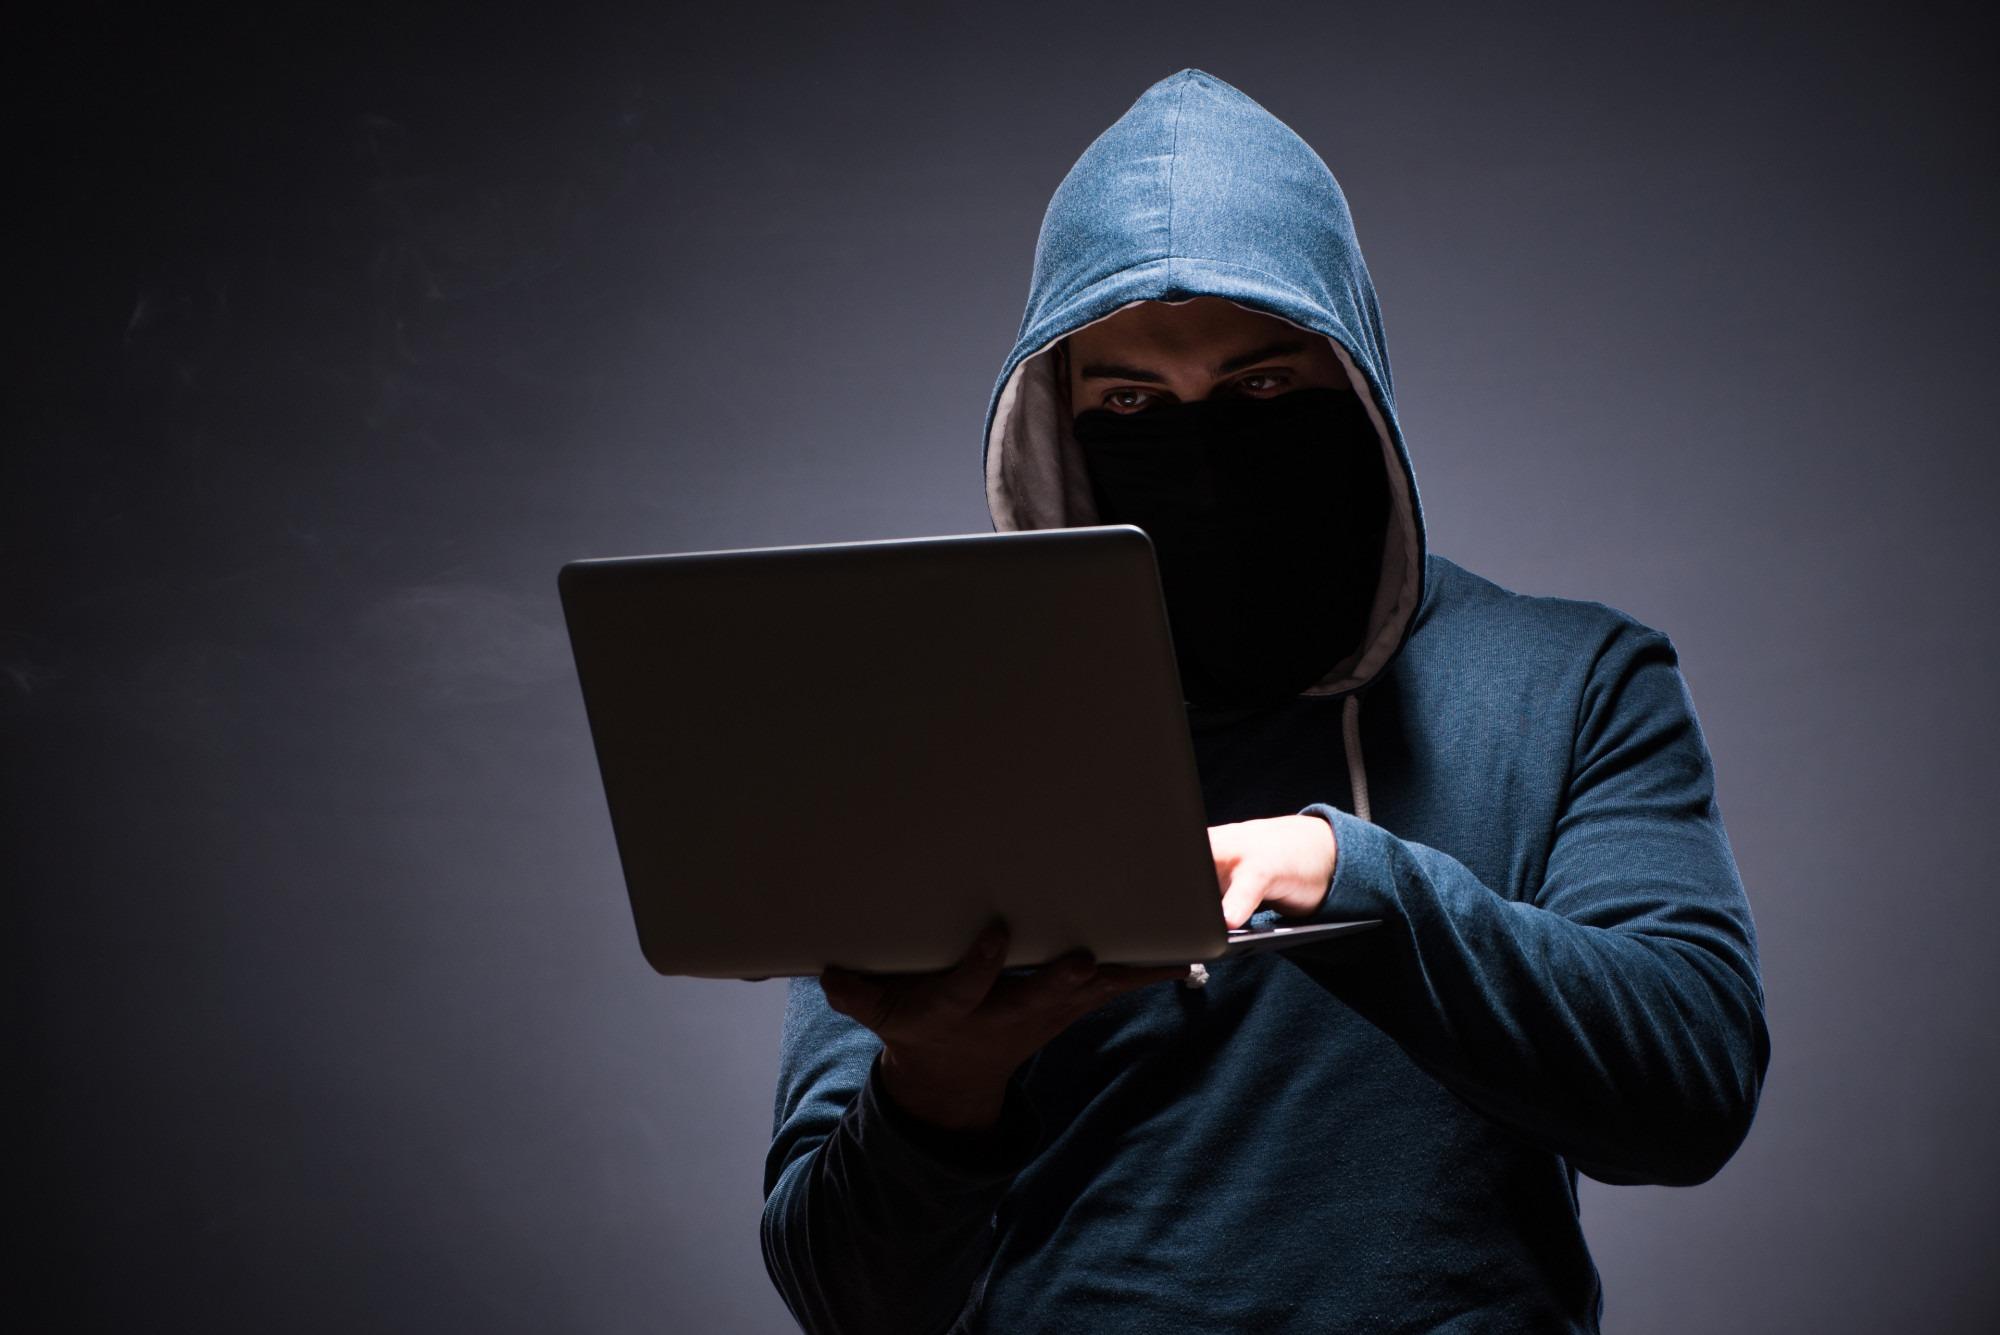 逼死上市公司,让星巴克赔了1000万!这群人正在荼毒中国互联网